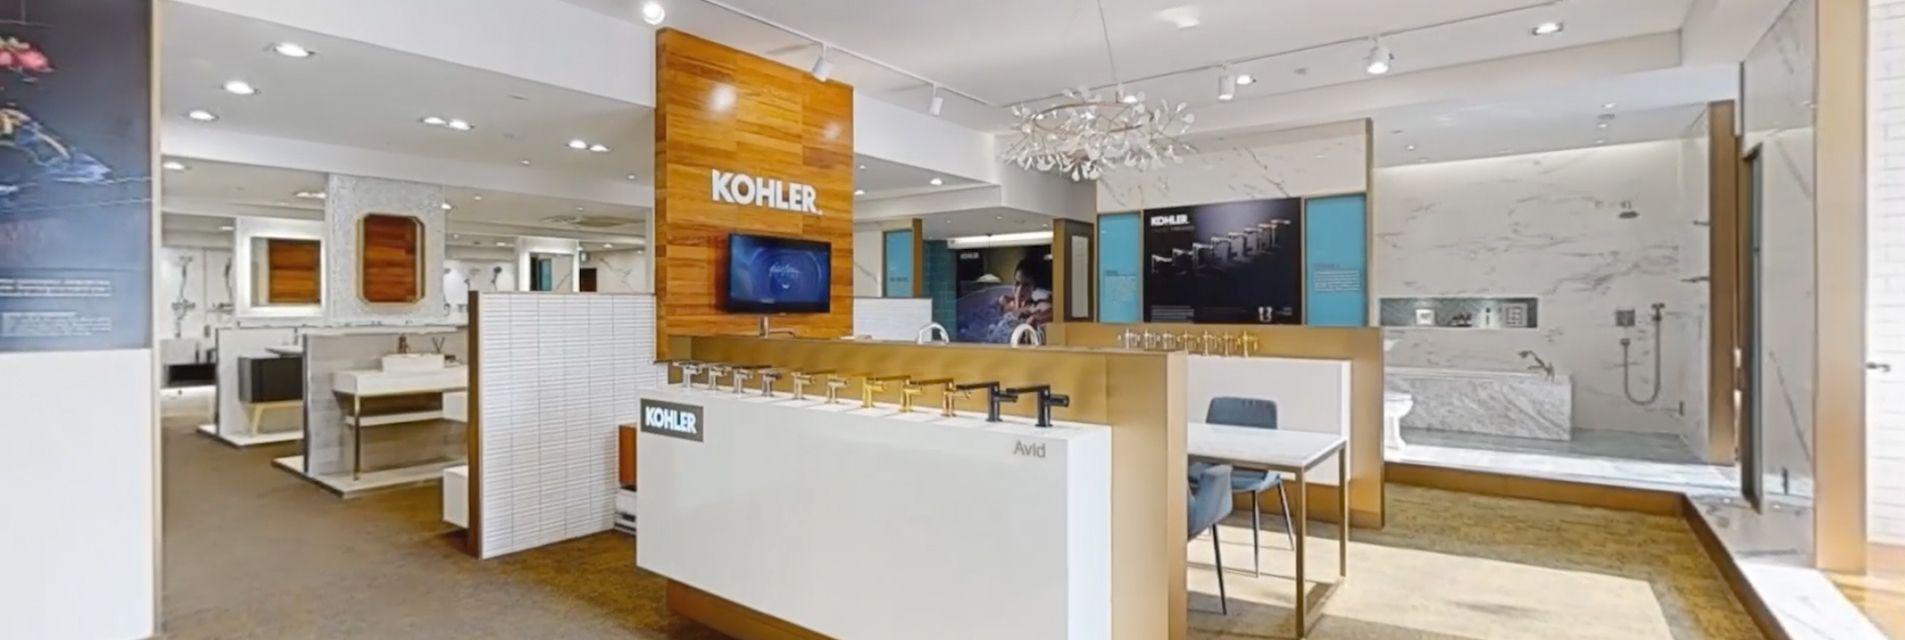 KOHLER's VR Showroom